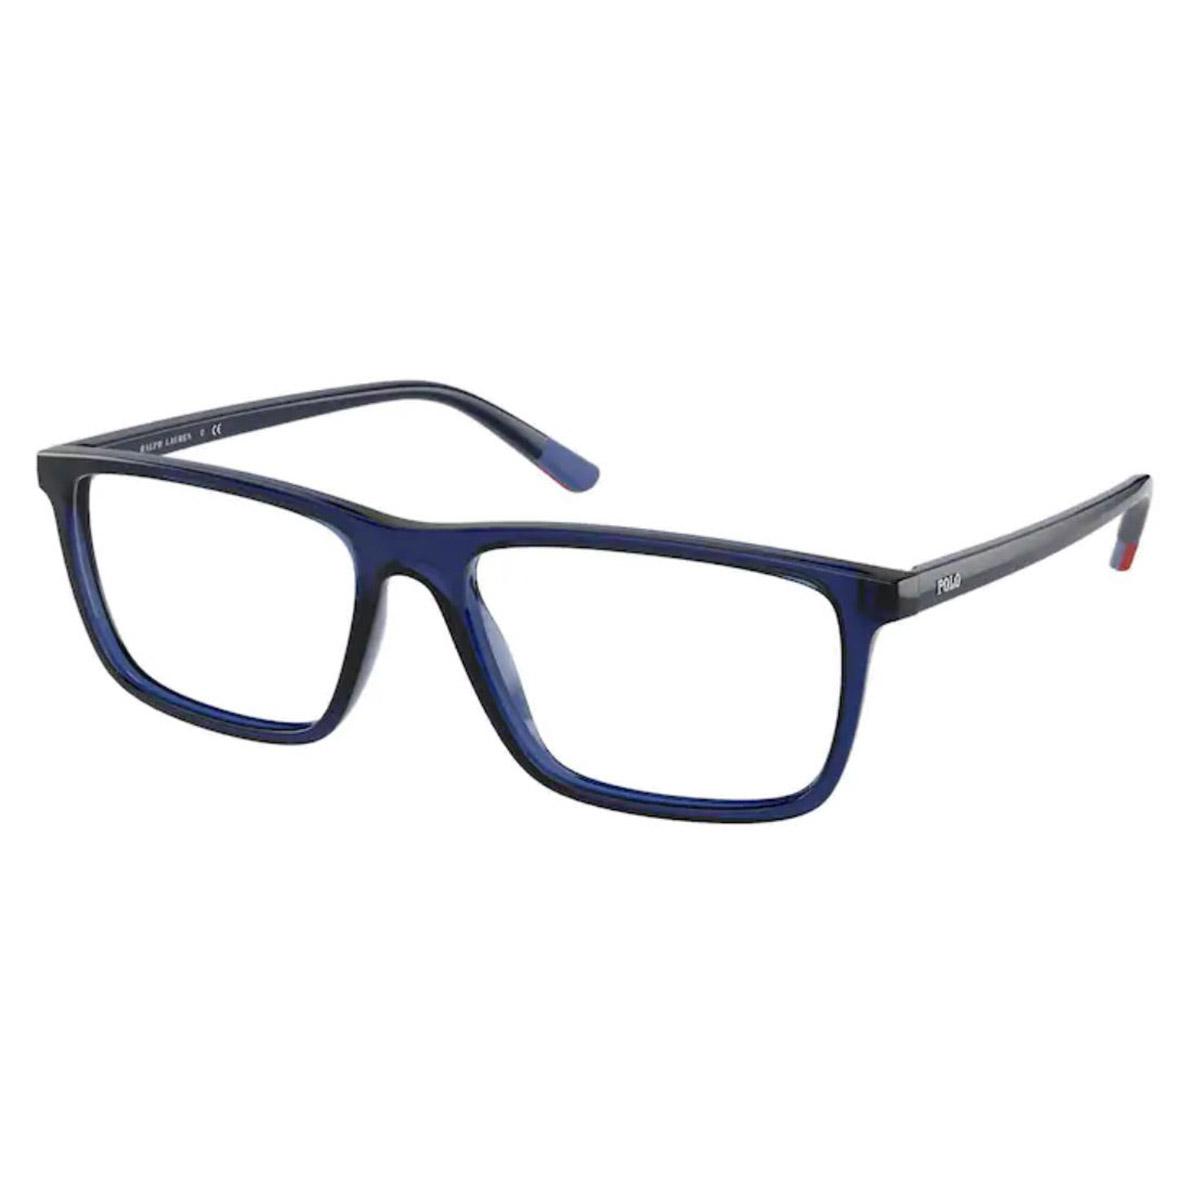 Óculos de Grau Polo Ralph Lauren PH2229 Azul Translúcido